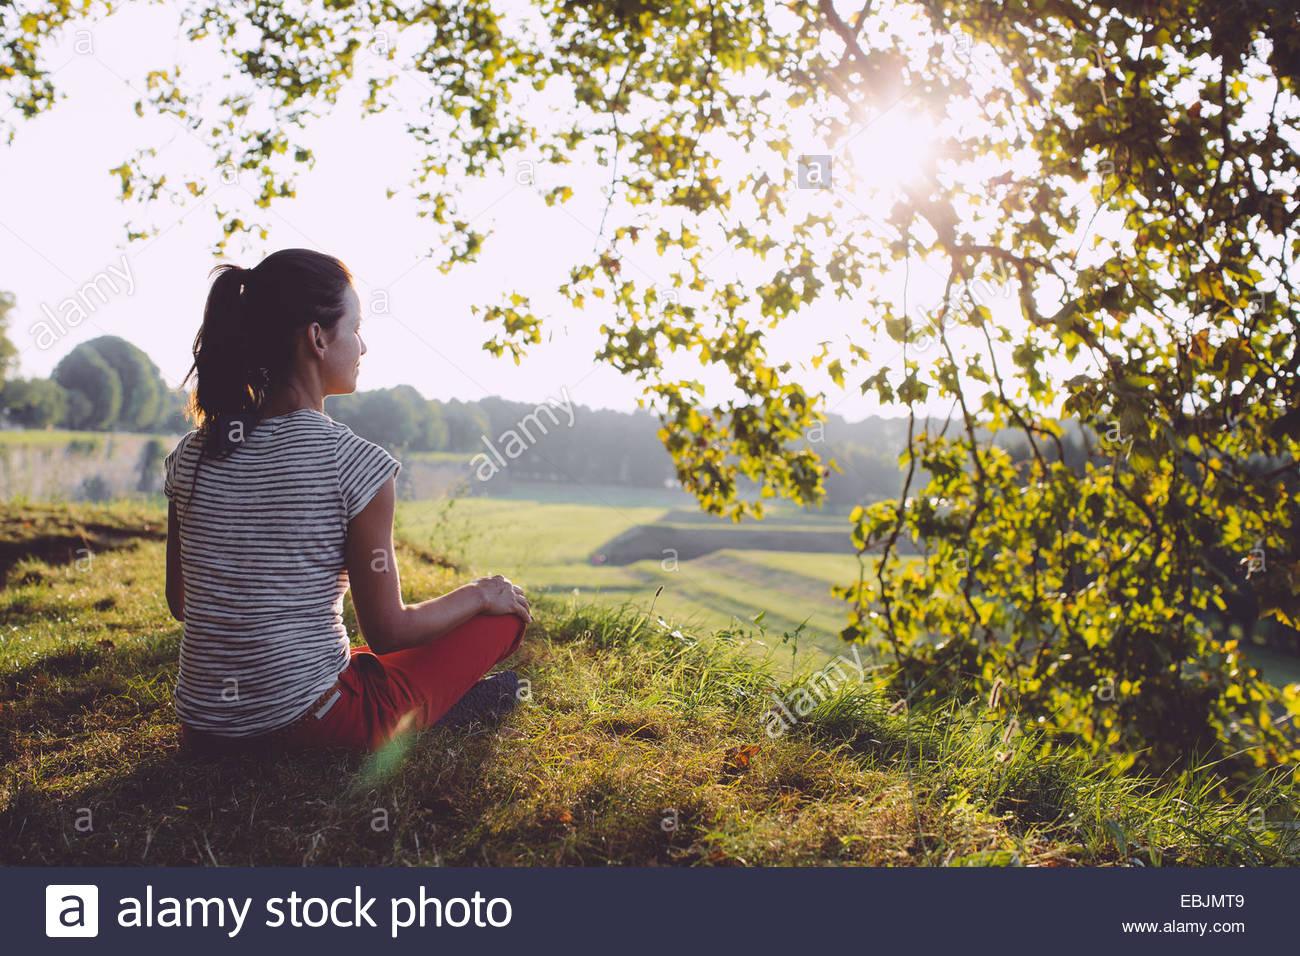 Vue arrière du Mid adult woman looking at vue paysage, Toscane, Italie Photo Stock